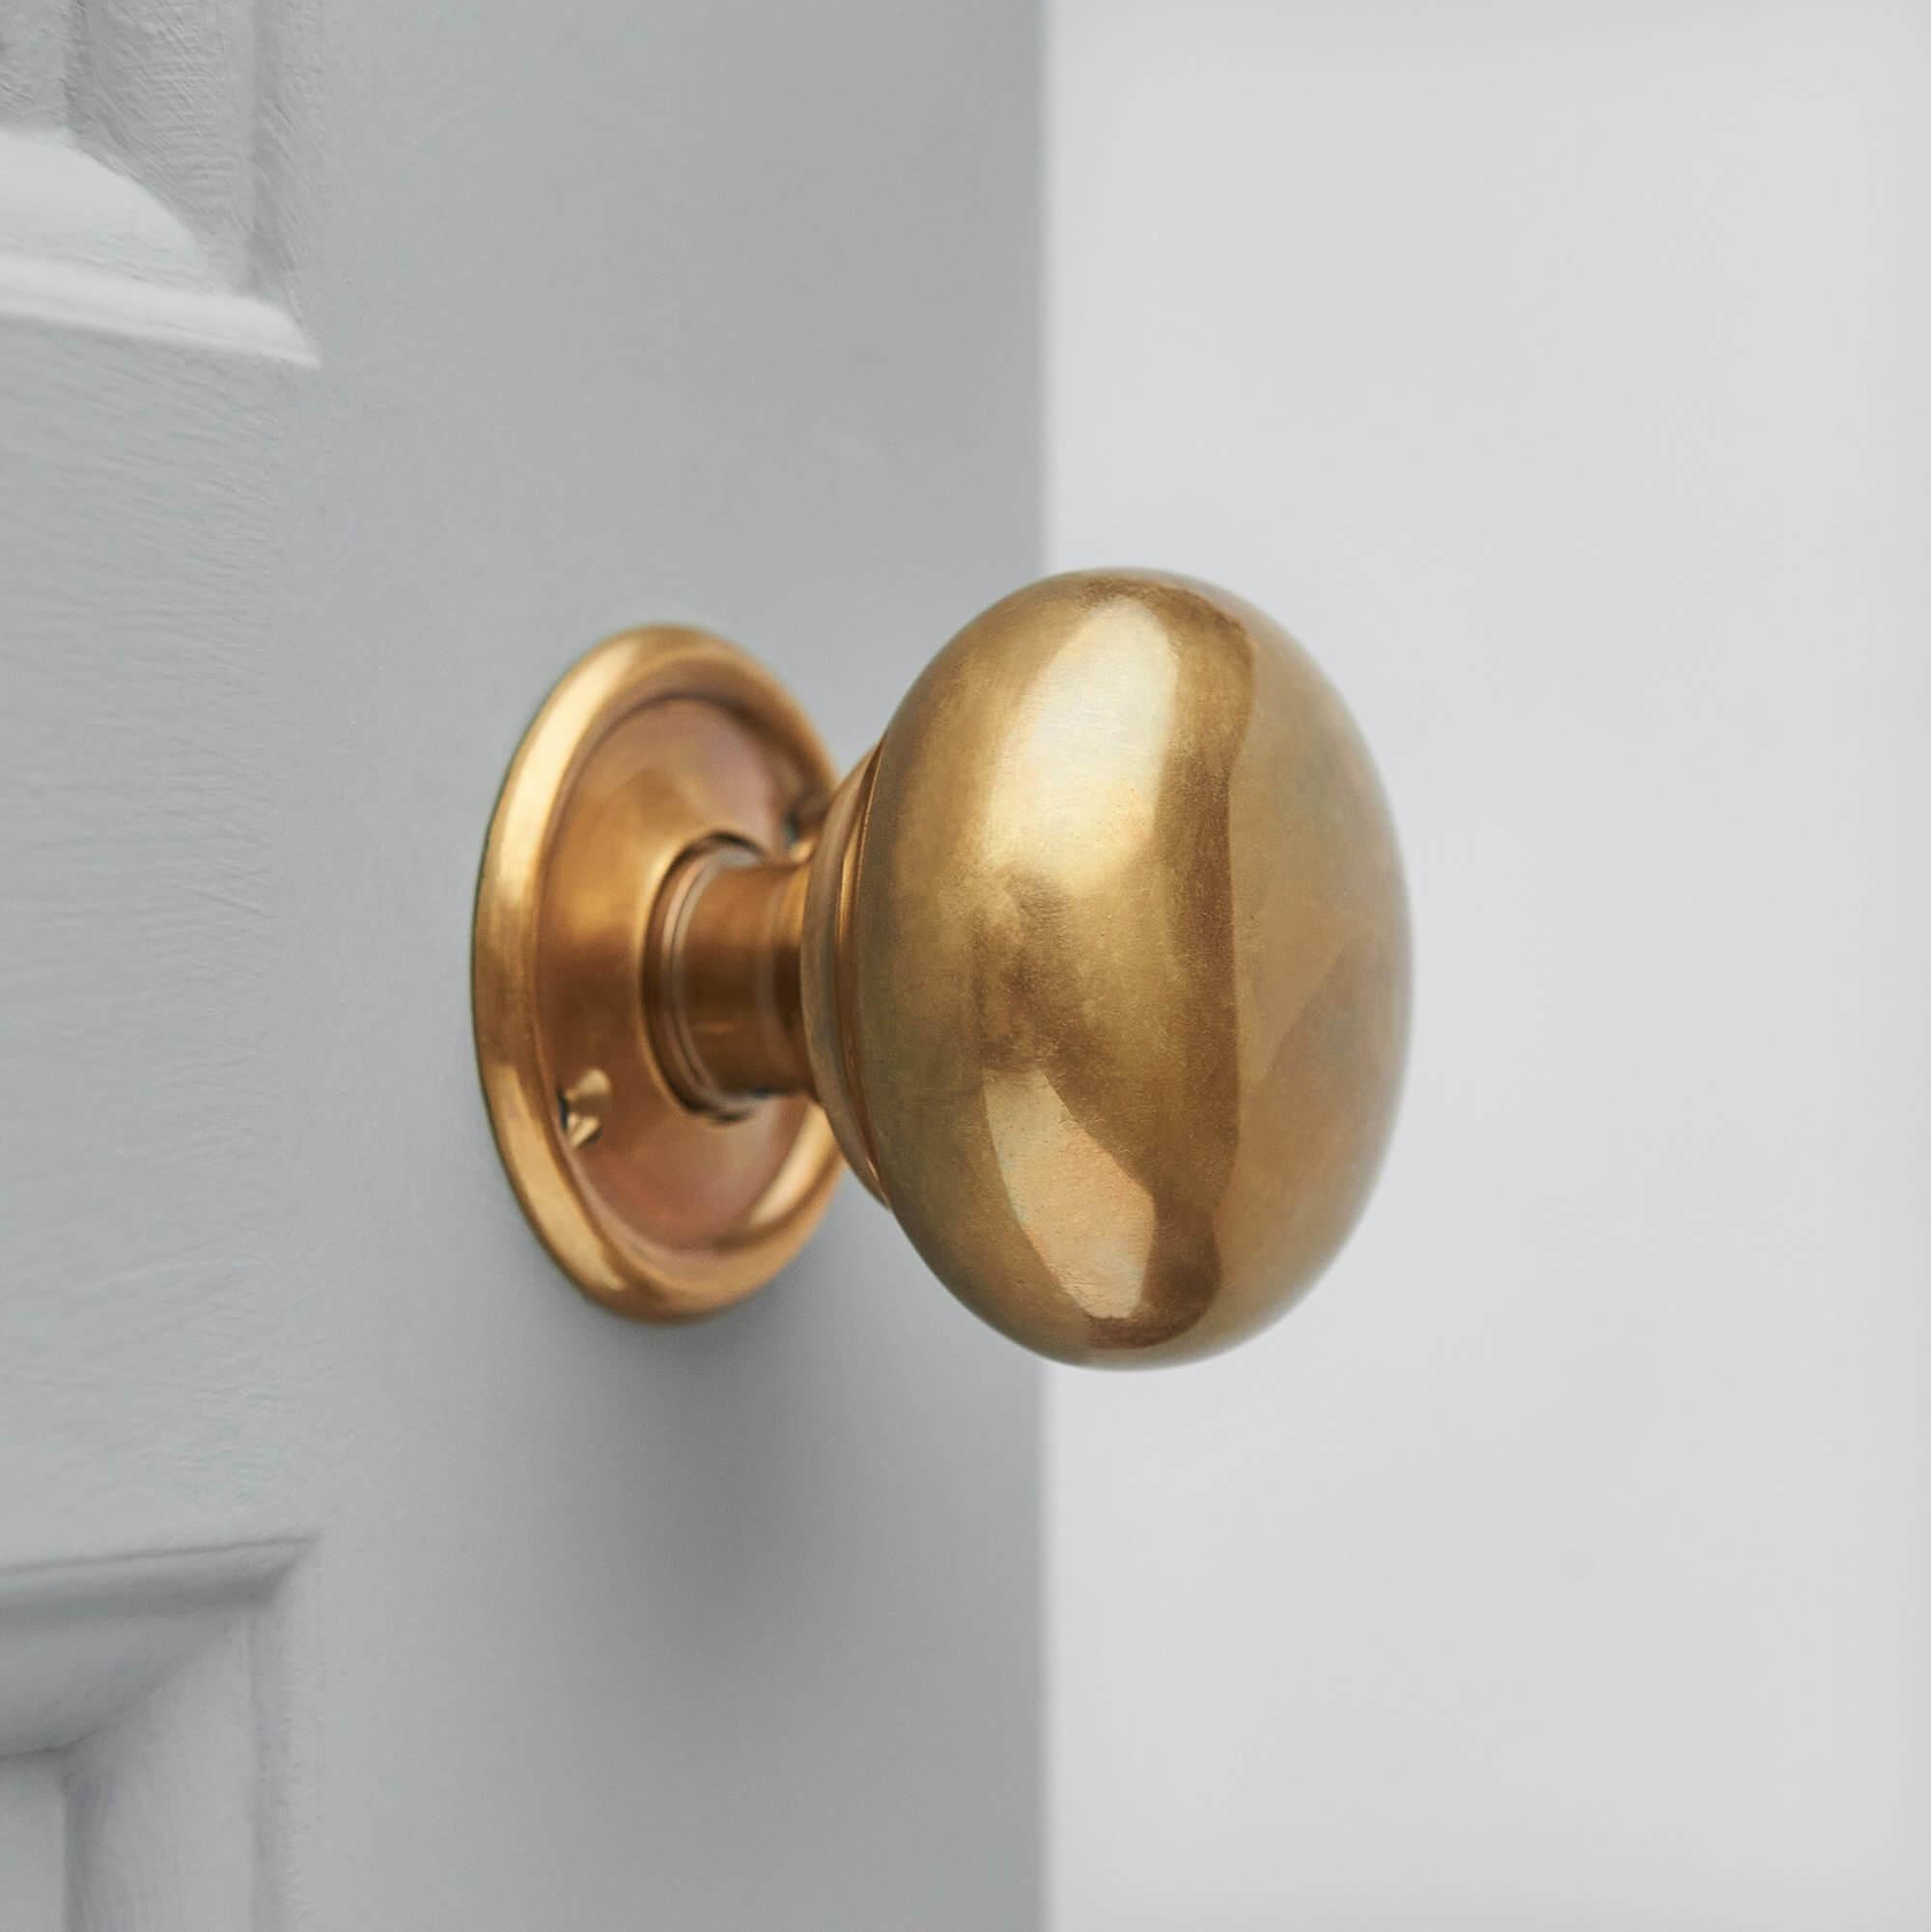 Cottage Bun Door Knobs (Pair) - Antique Brass